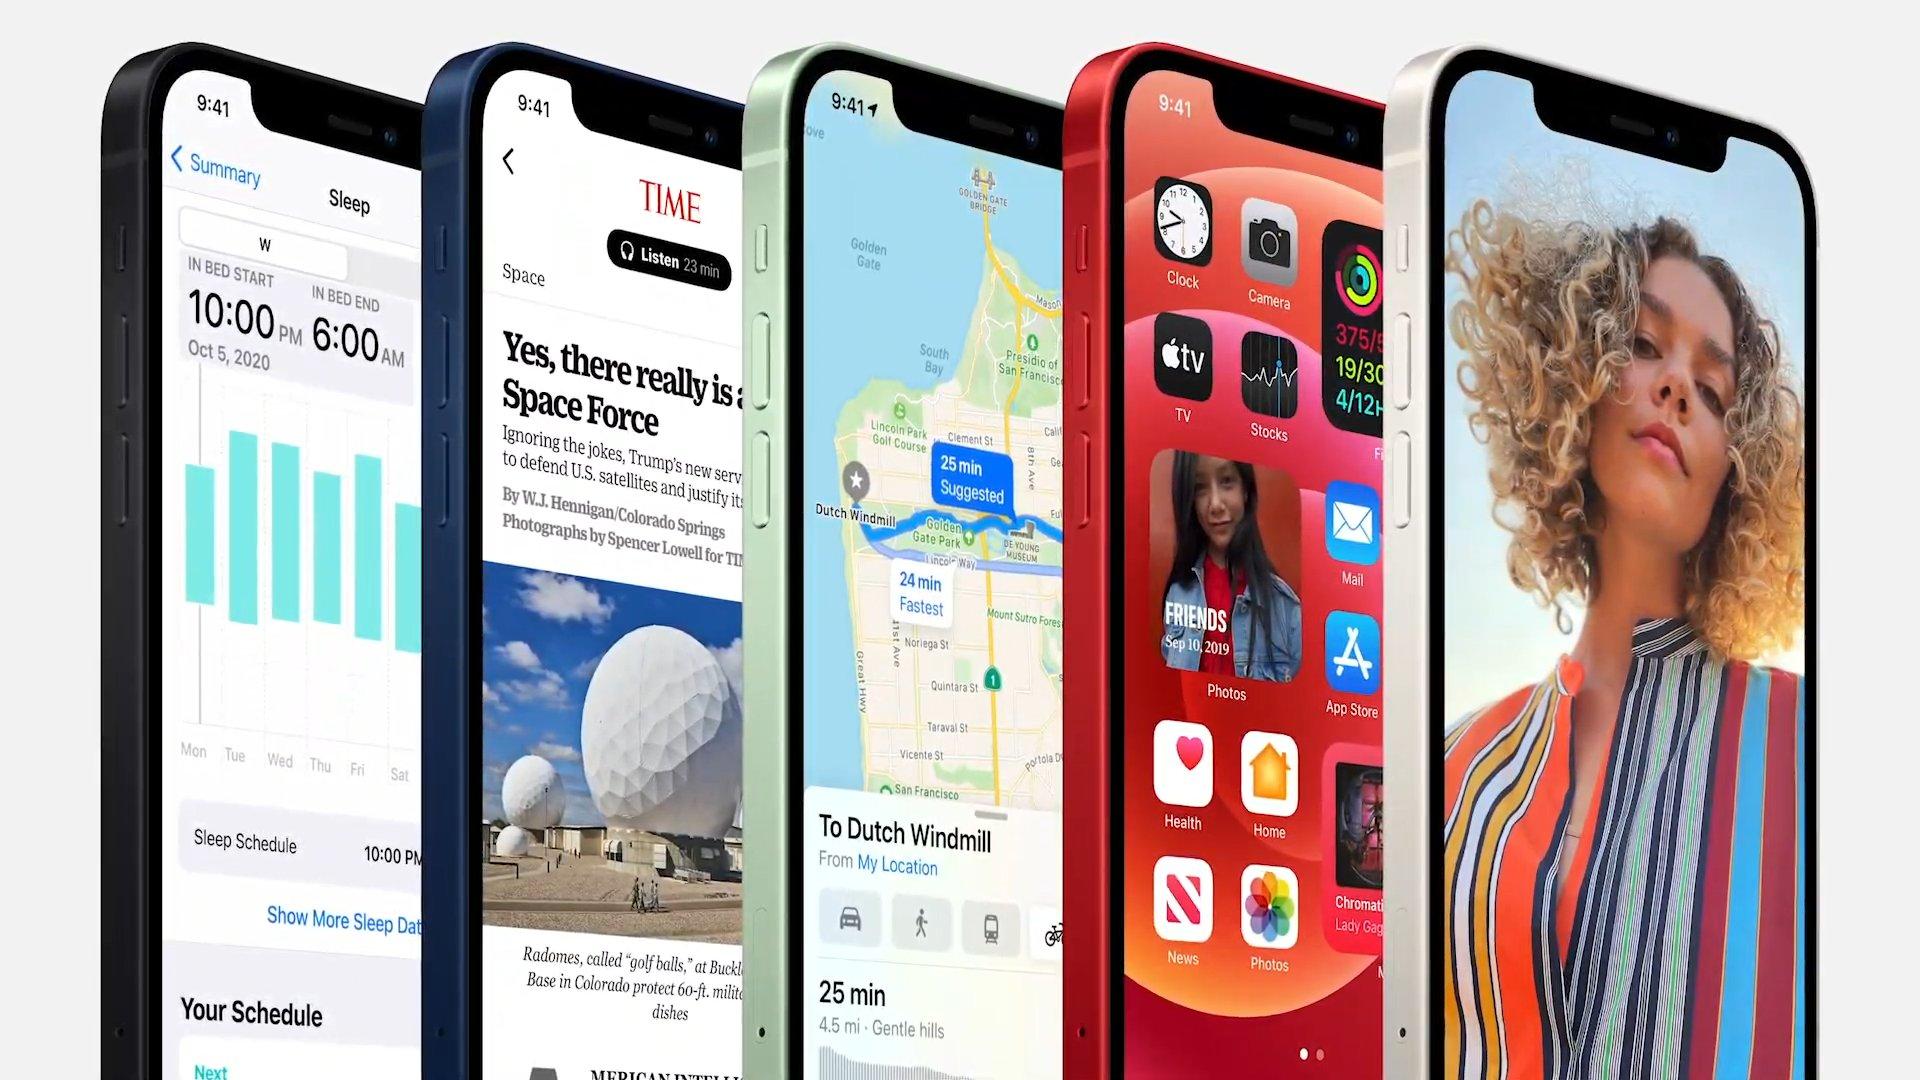 212649-Apple%20Event%20%E2%80%94%20Octob